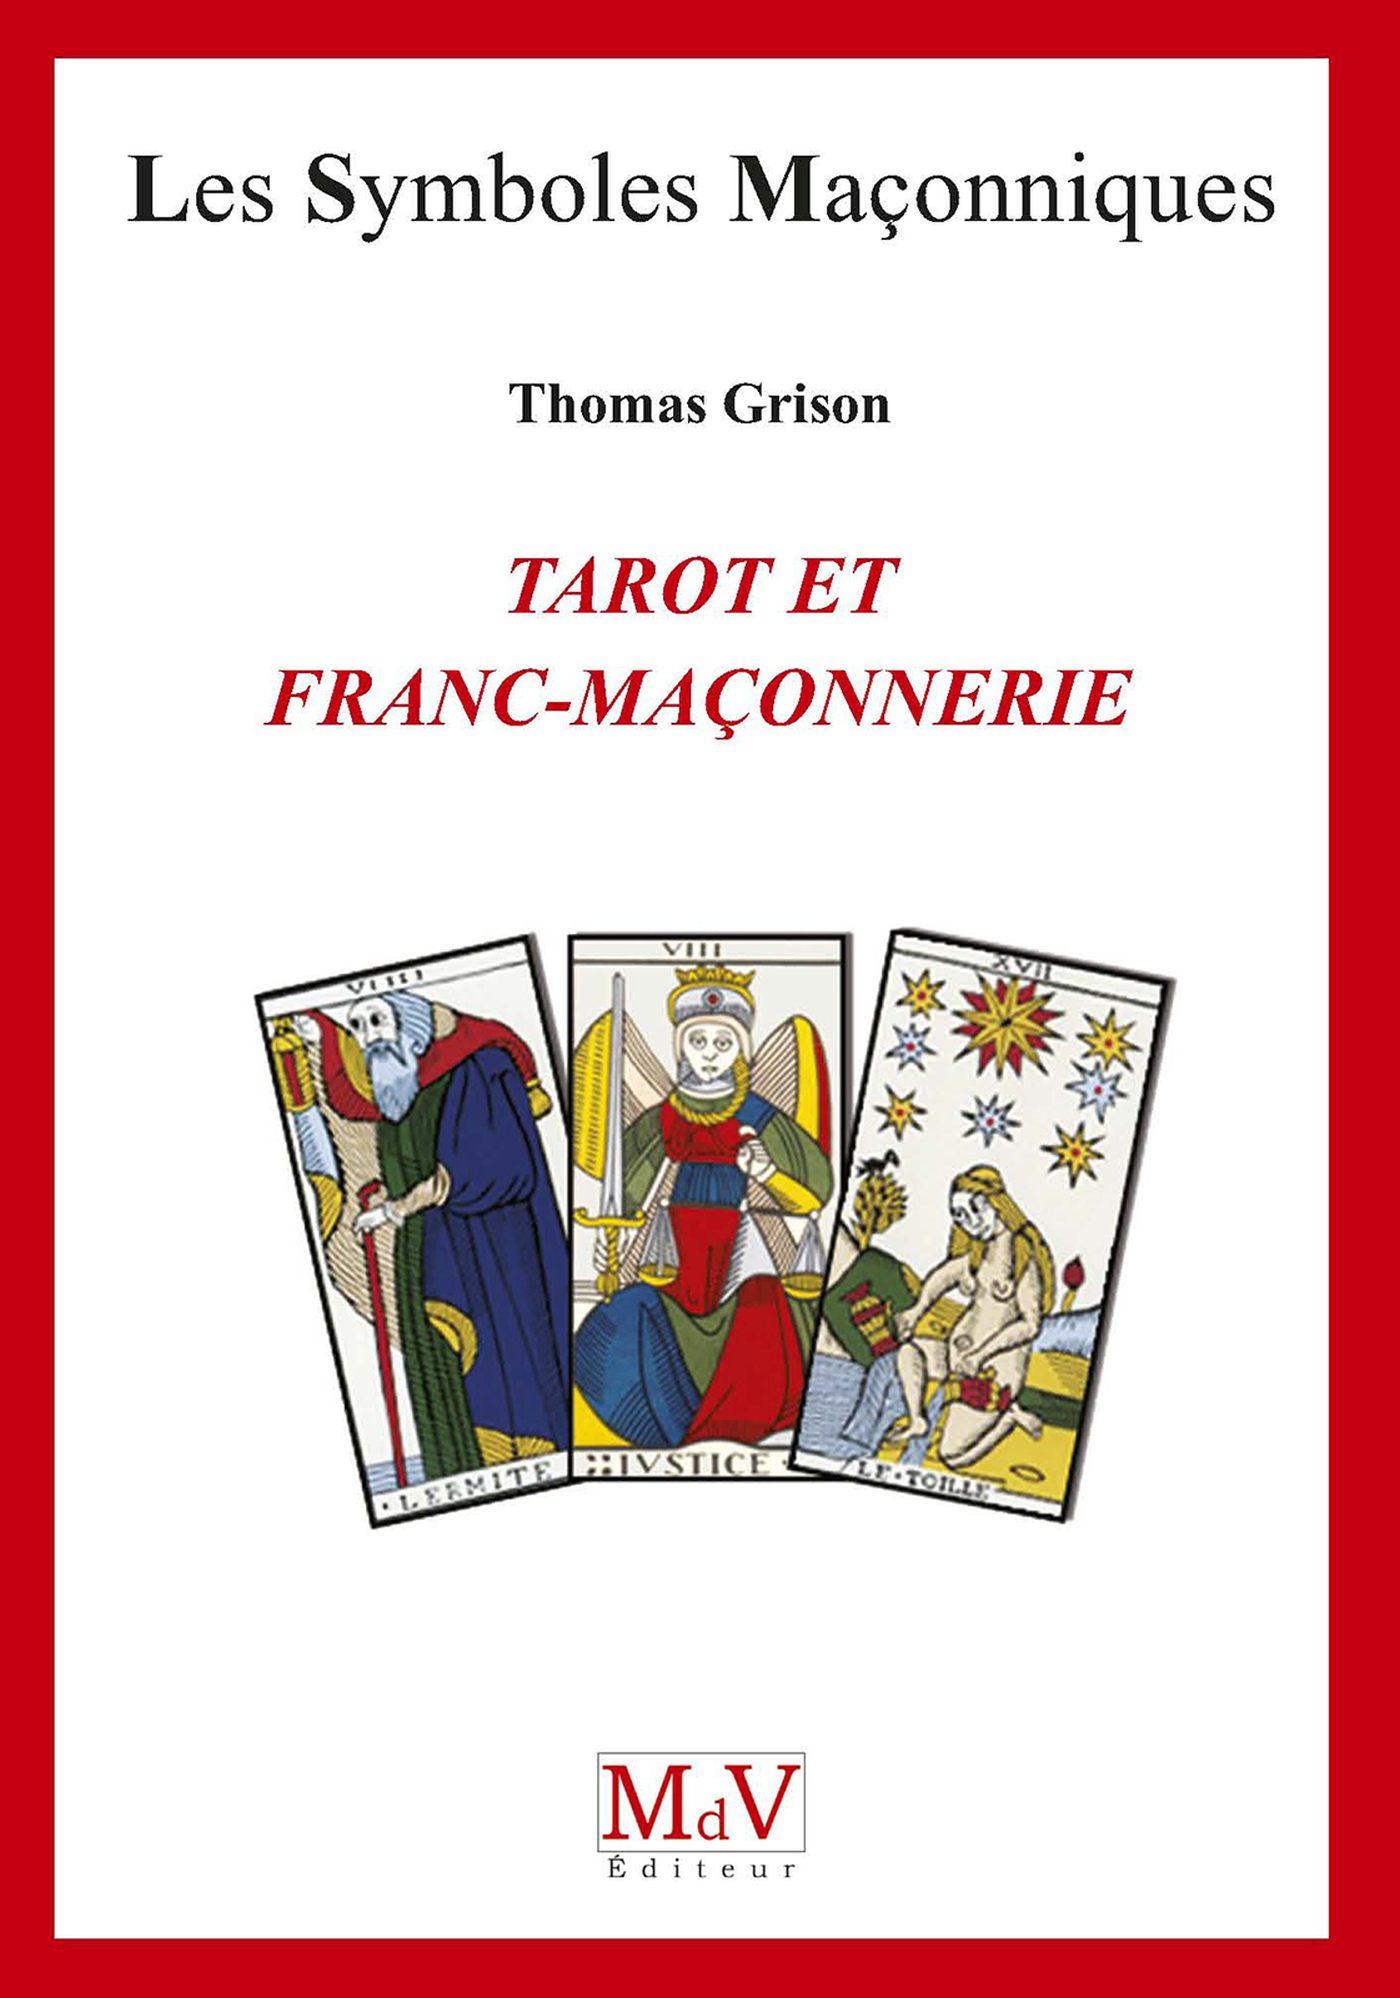 N. 78 - TAROT ET FRANC MACONNERIE